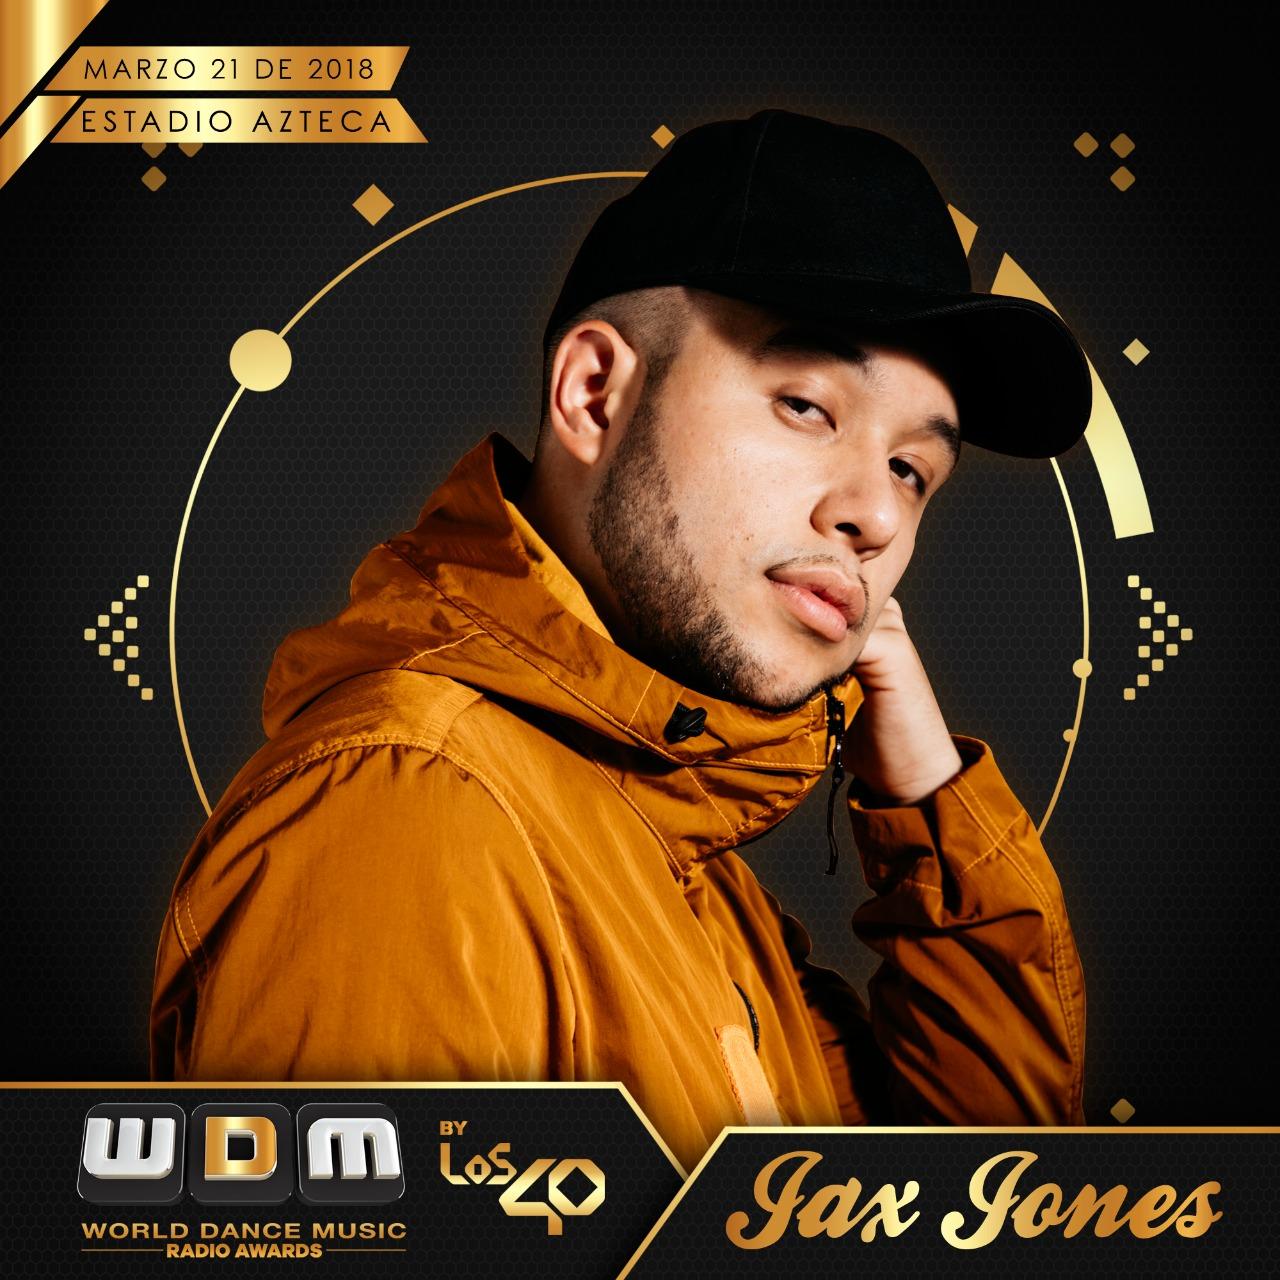 WDM Jax Jones